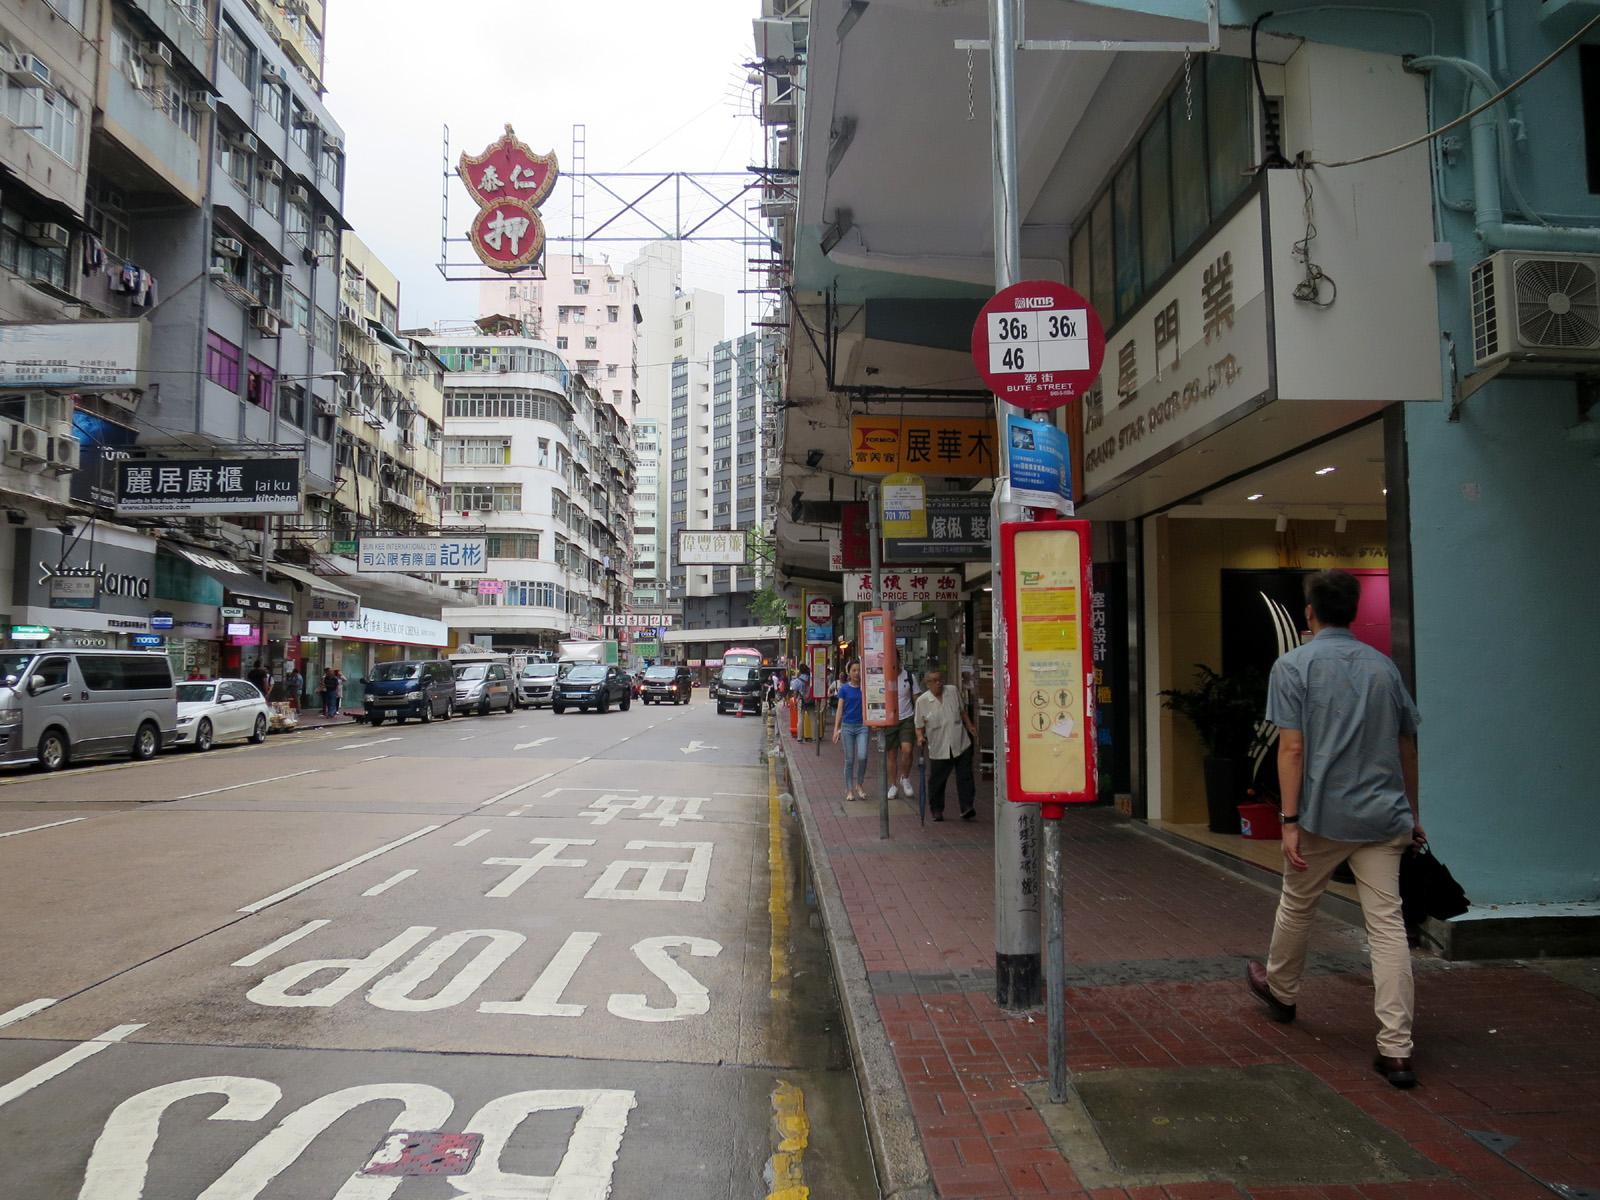 弼街 (上海街)